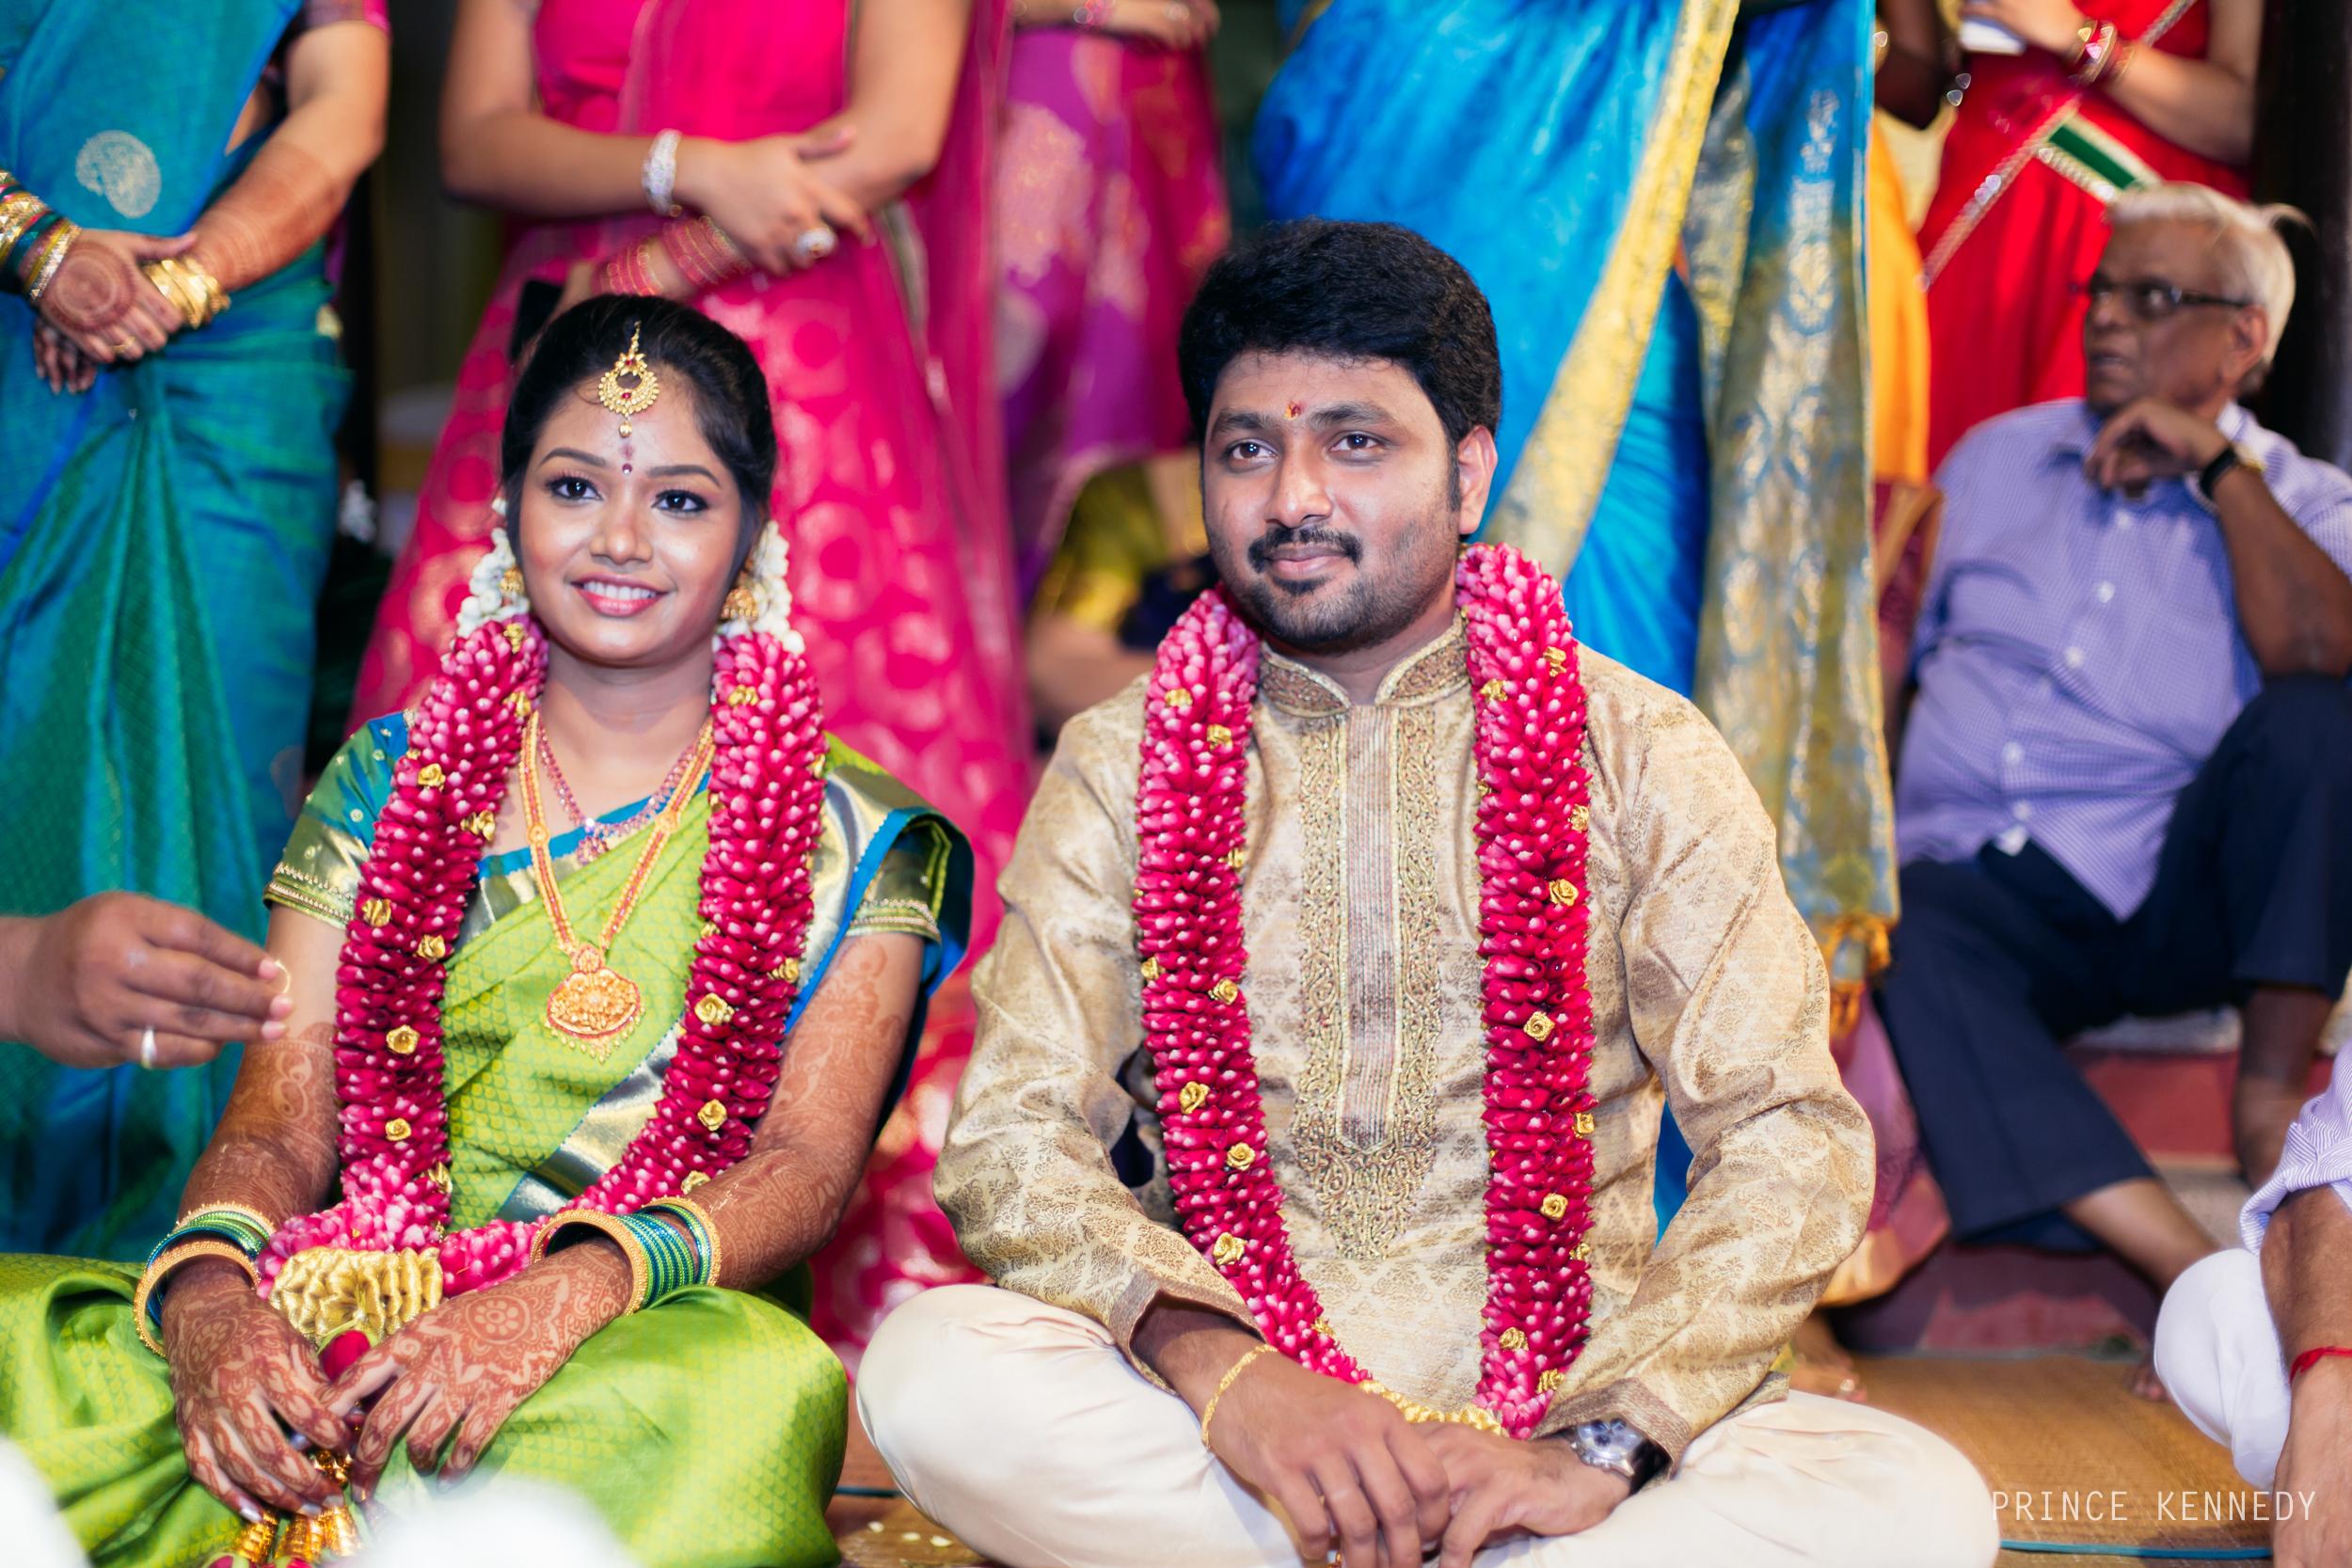 Engagement-Couple-Portrait-Portraiture-Wedding-Couple-Portrait-Chennai-Photographer-Candid-Photography-Destination-Best-Prince-Kennedy-Photography-226.jpg